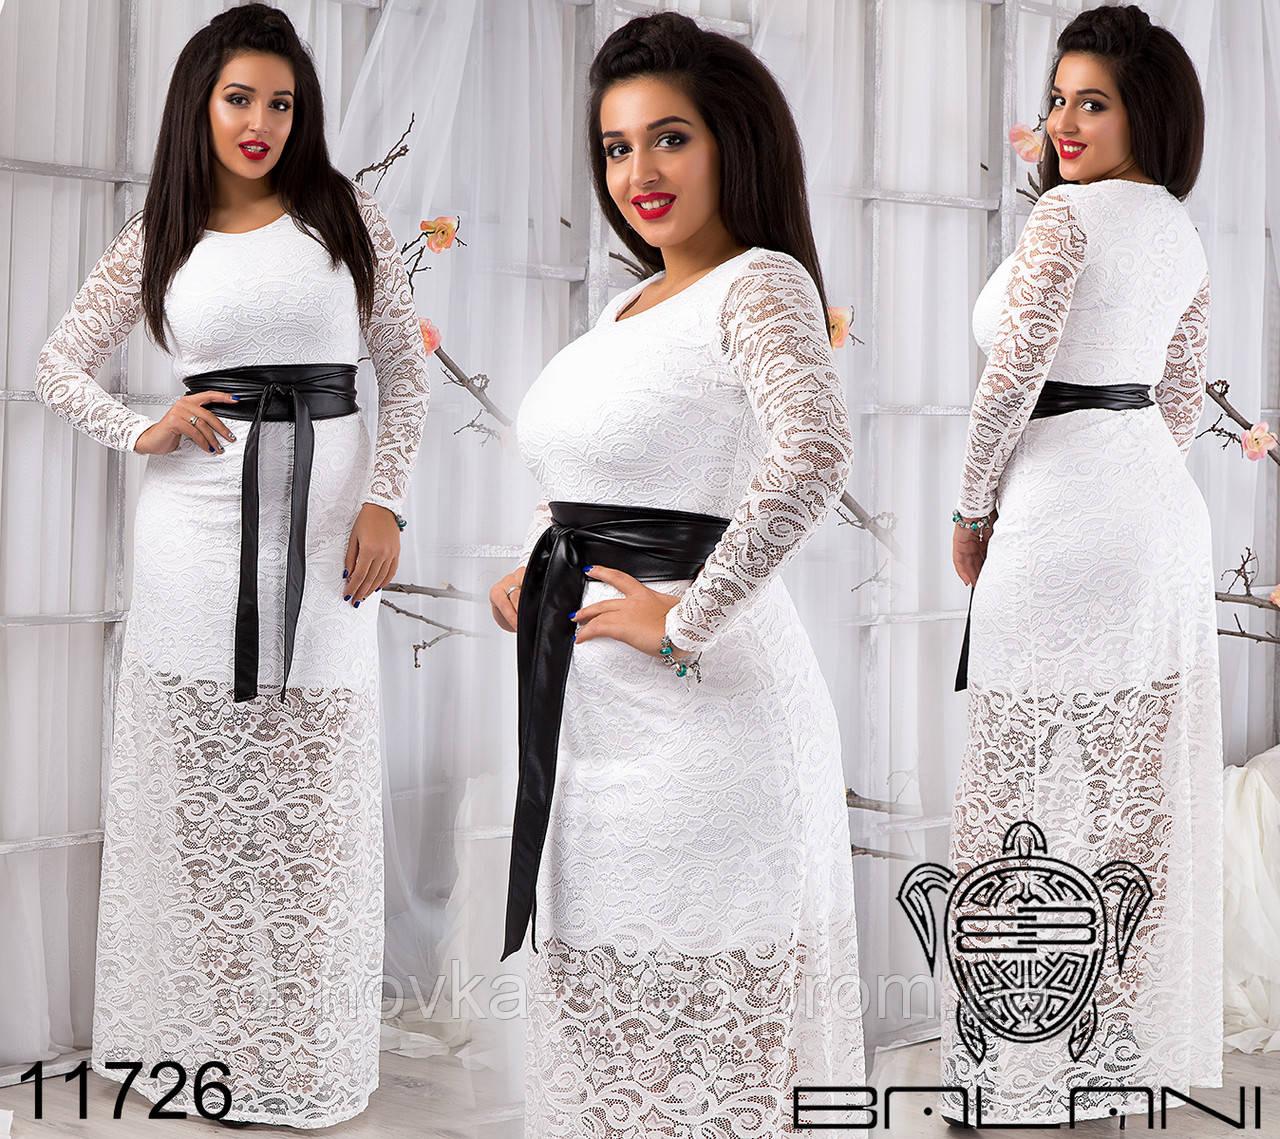 a9854bf64c7 Вечерние платья больших размеров 48-54 11726 4 цвета - Интернет-магазин  одежды и